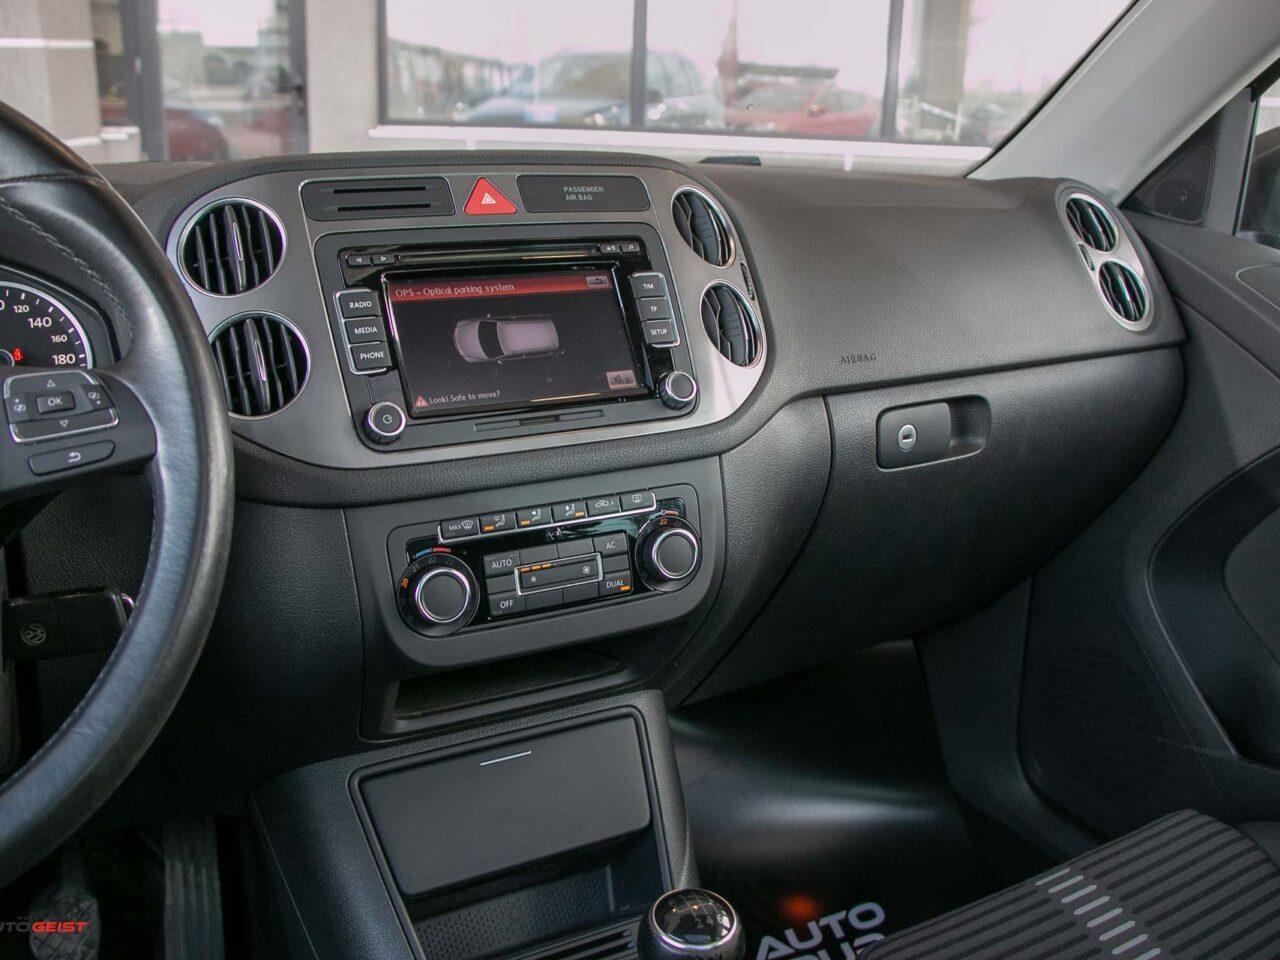 VW-TIGUAN-2011-3724